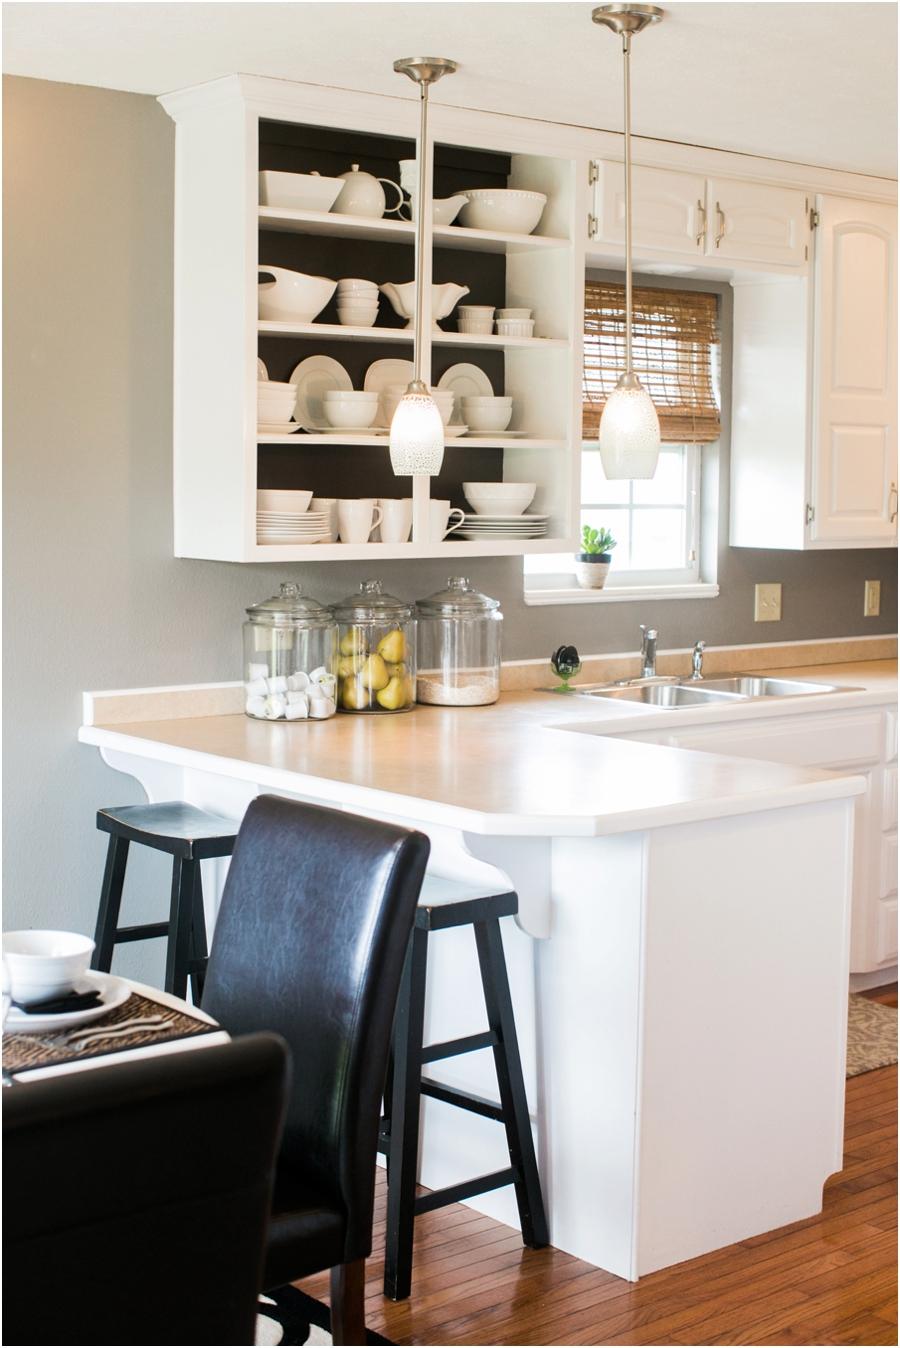 Interior Design with Lisa Crowder by Jordan Brittley